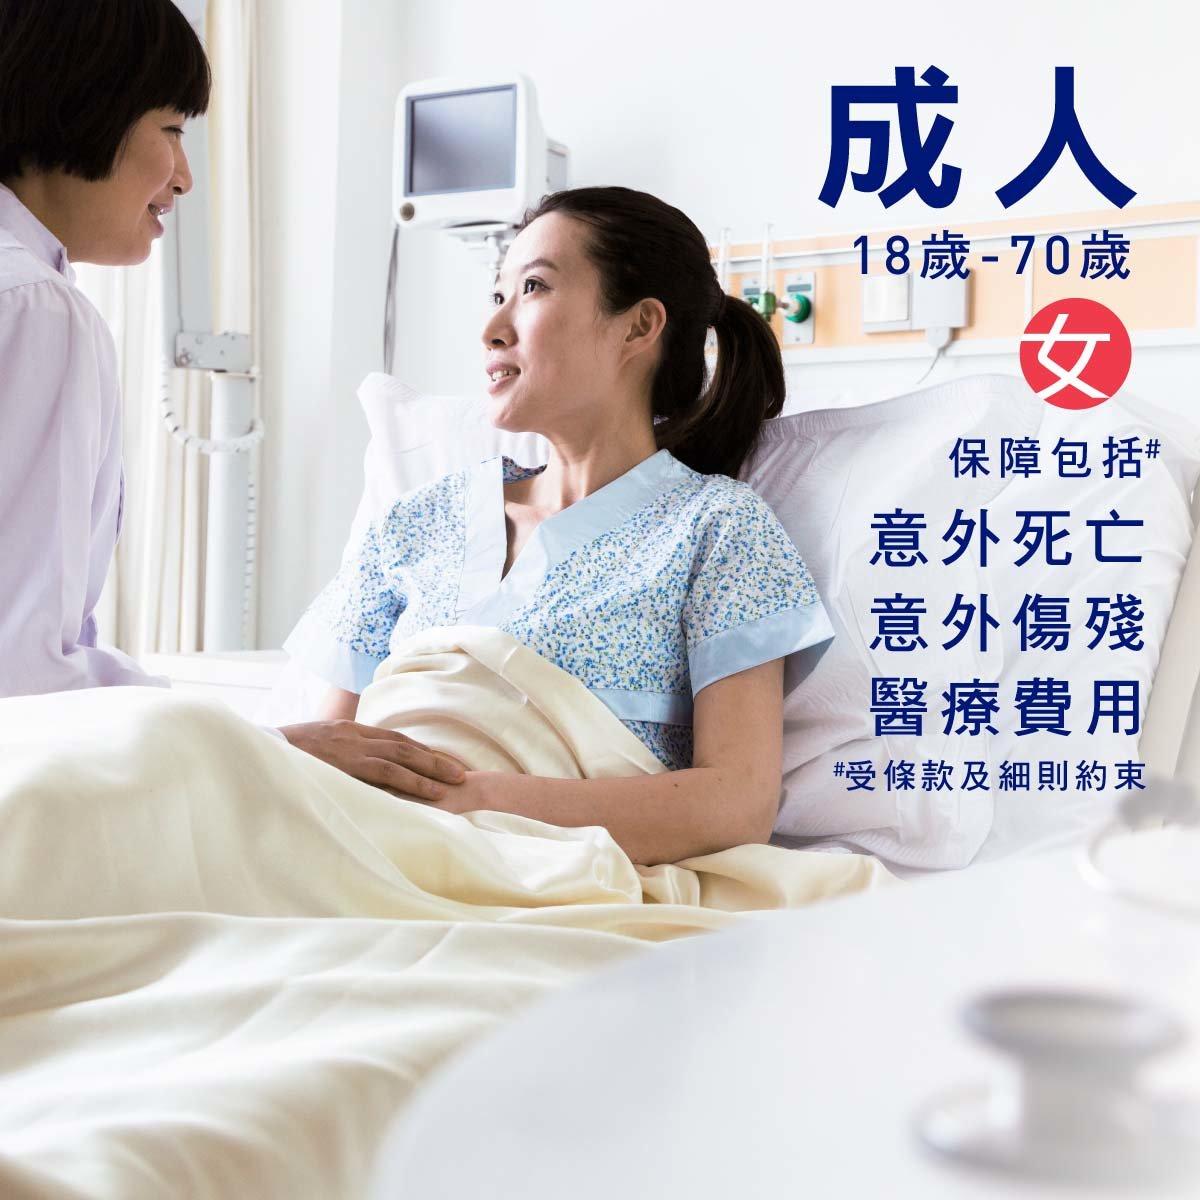 個人意外保險 (女) - 18至70歲